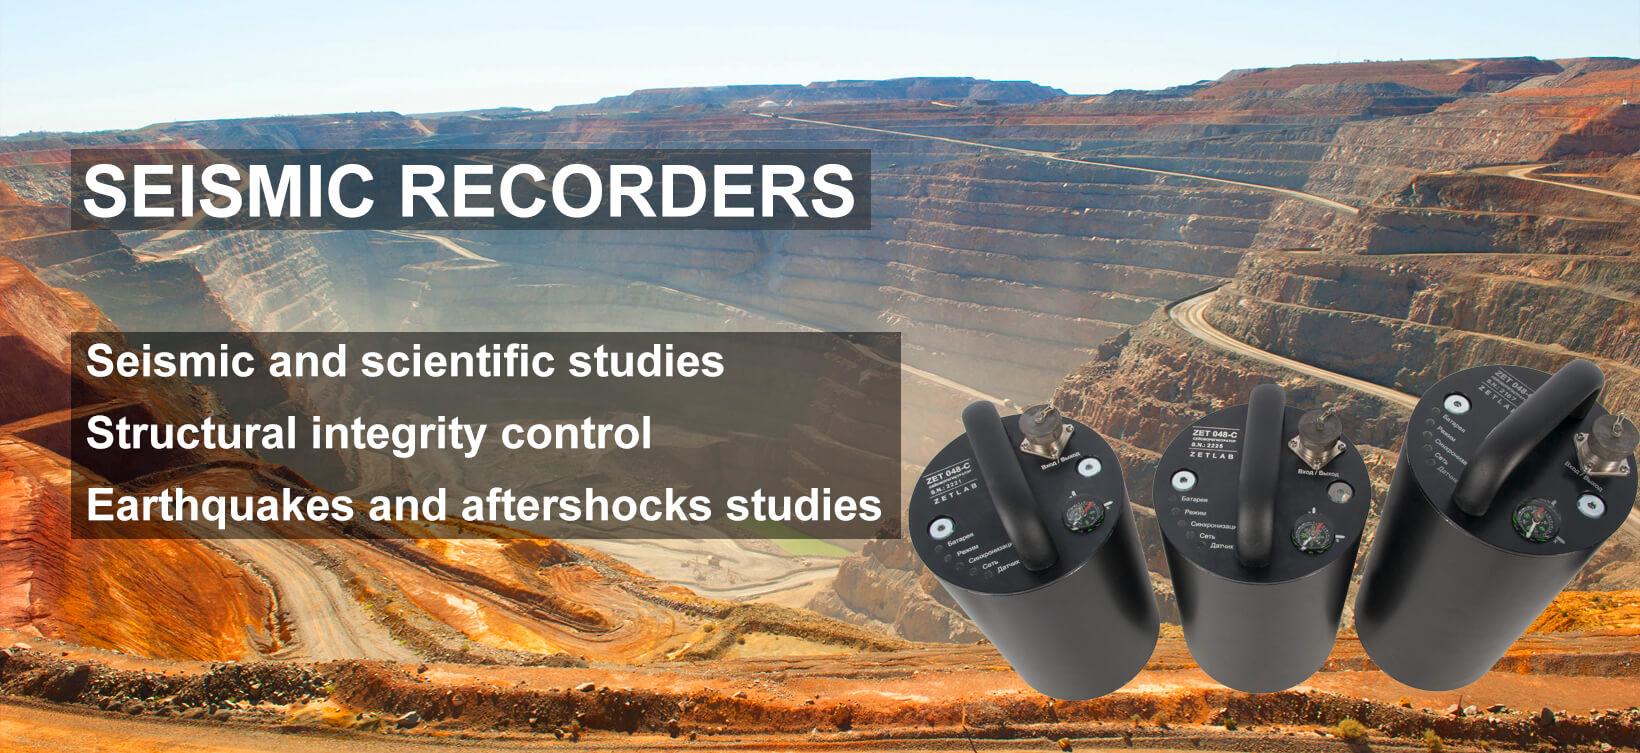 SEISMIC-RECORDERS